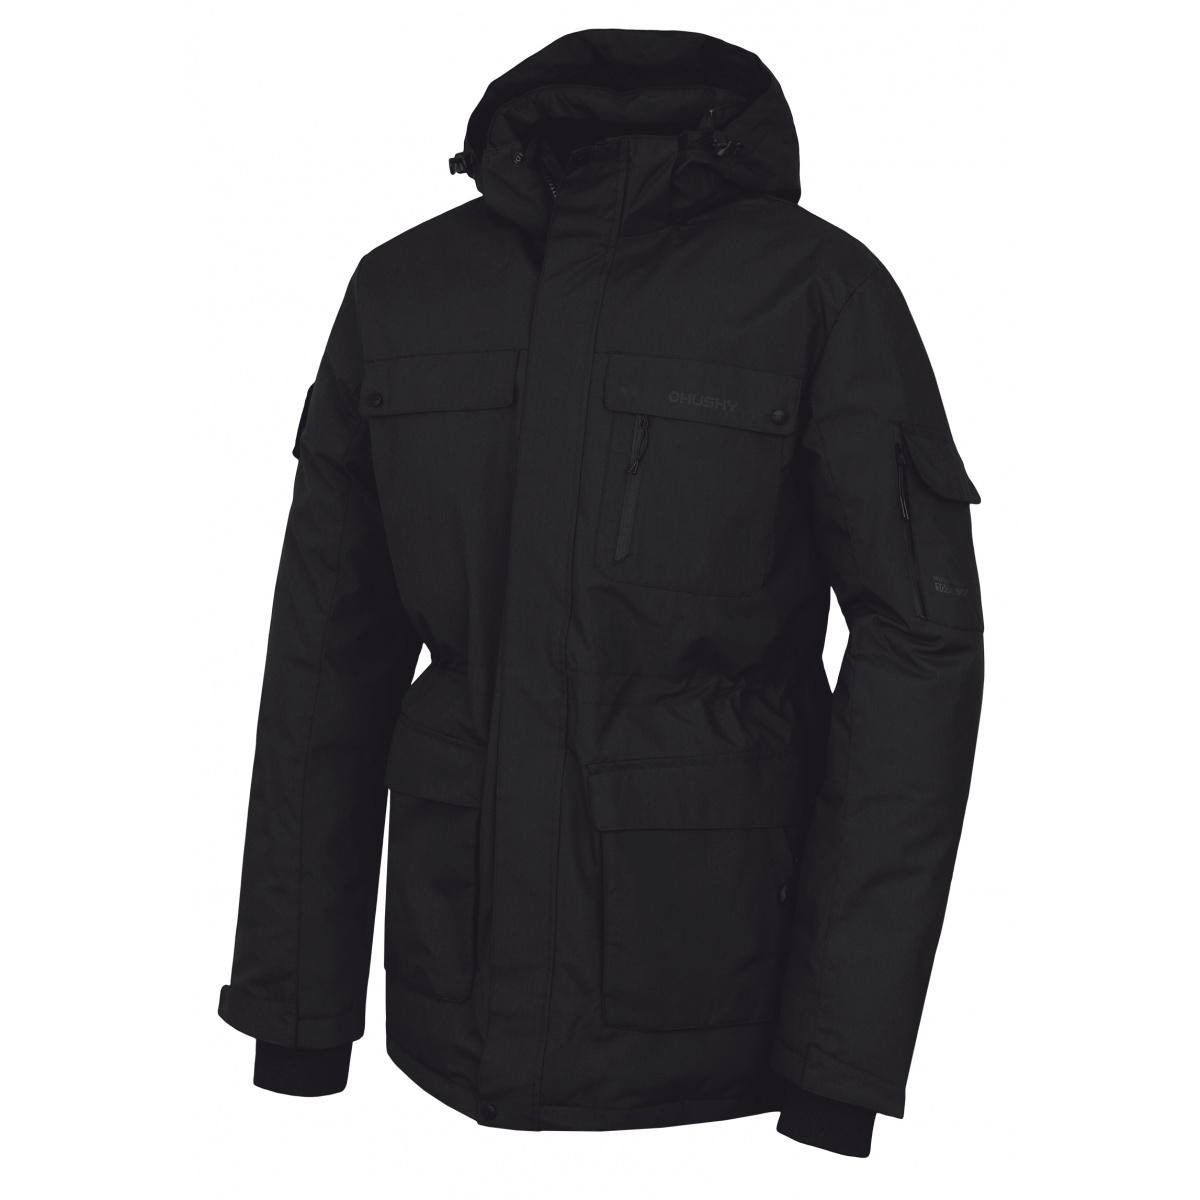 Husky Dantex M čierna, XL Pánska perová bunda